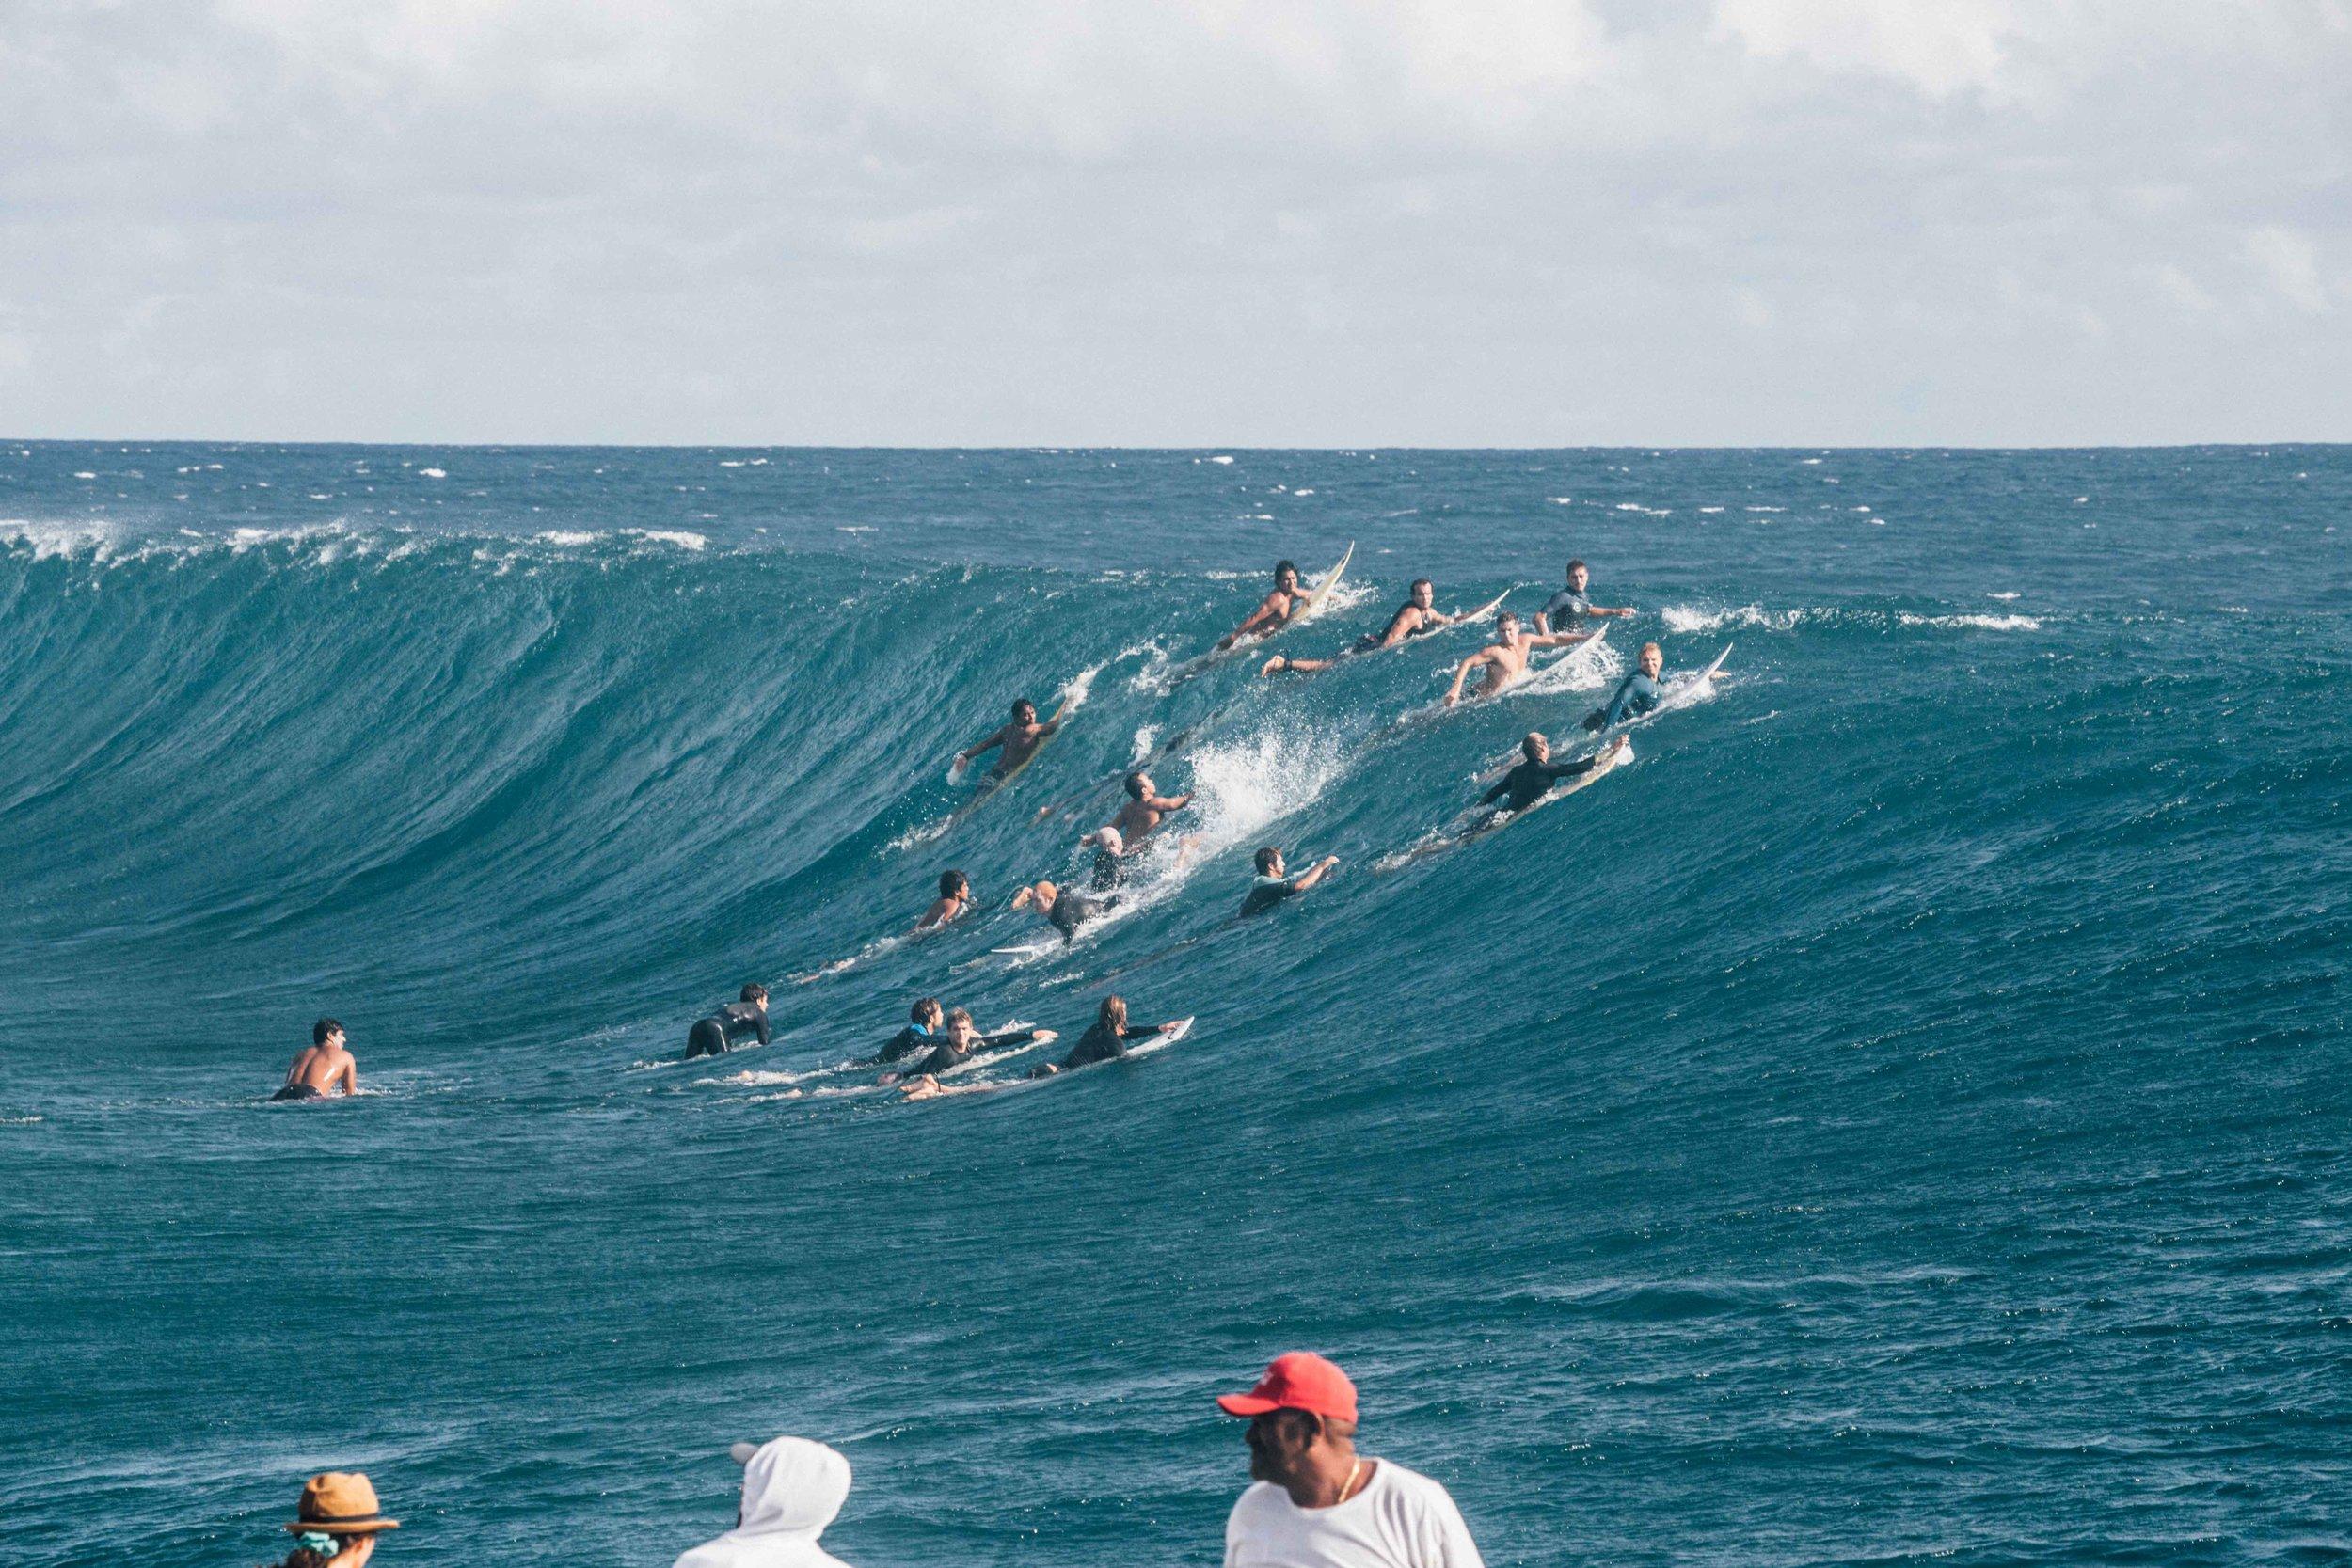 teahupoo_surfers.jpg